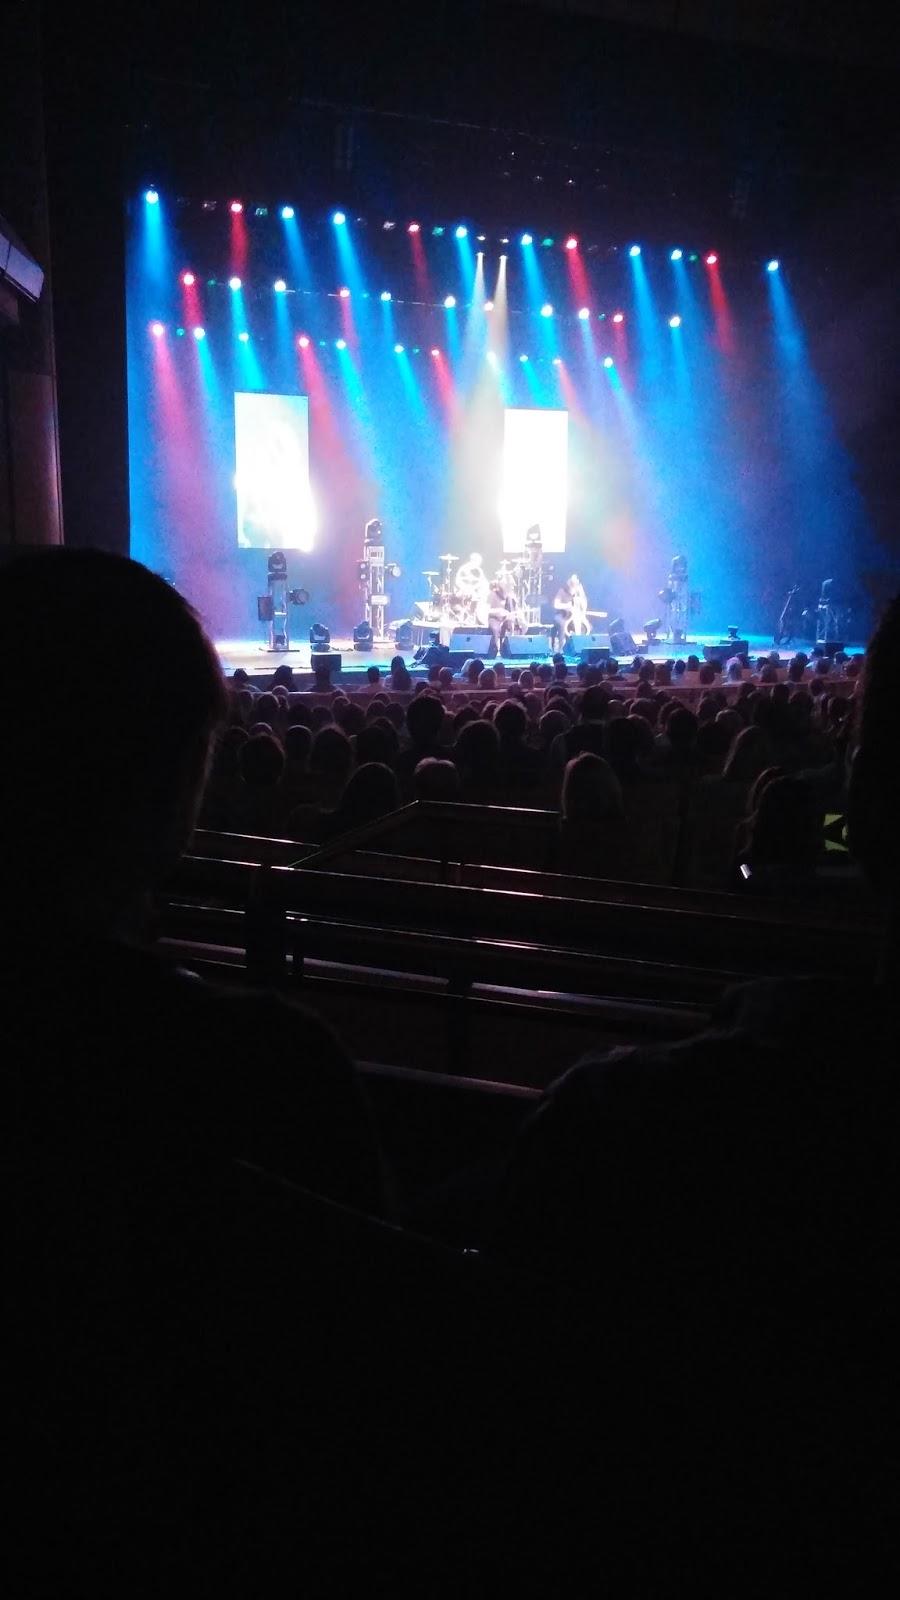 2Cellos concert